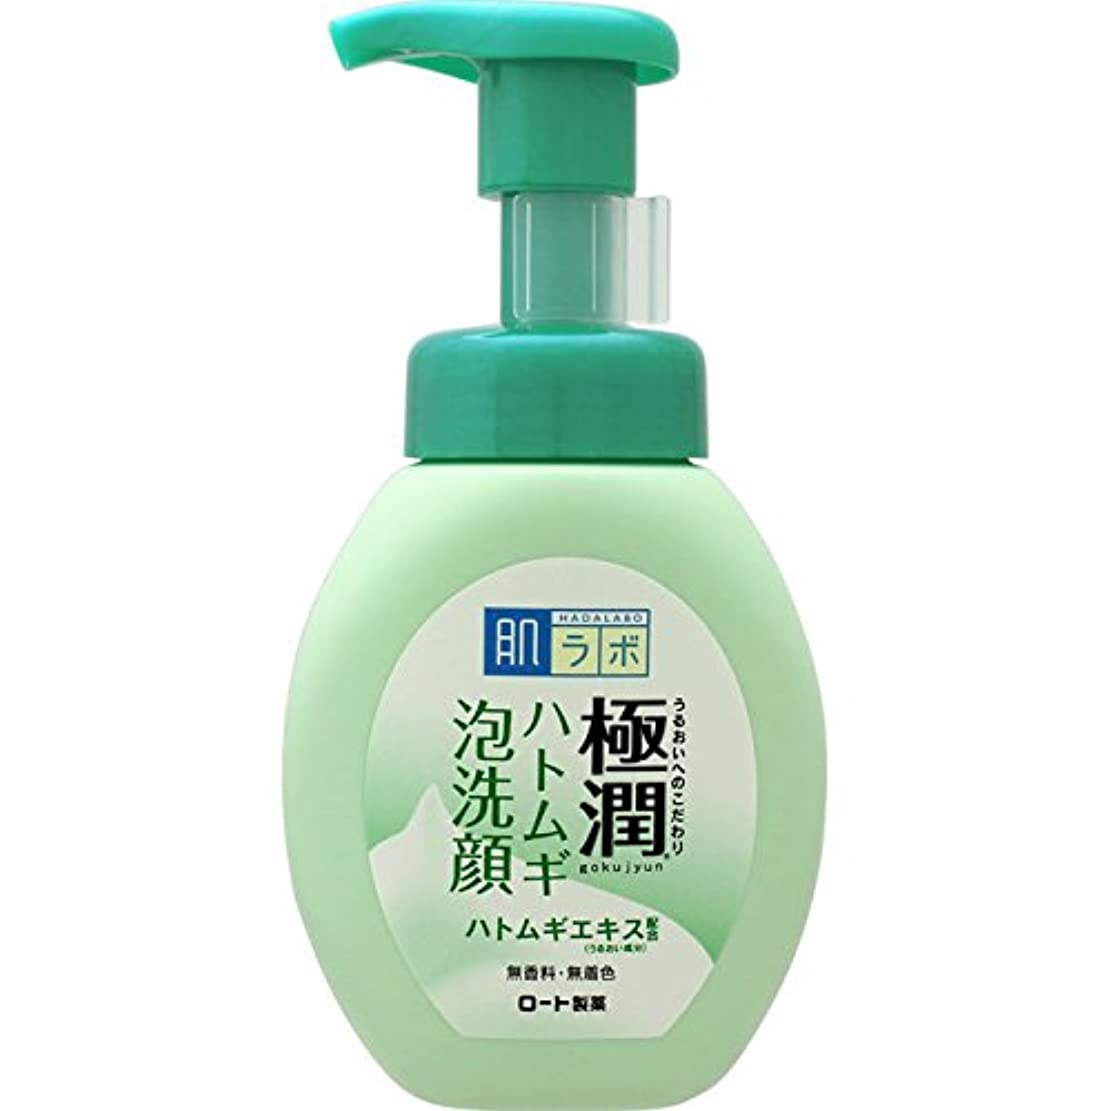 ジャニス静けさ人気の肌ラボ 極潤 毛穴洗浄 大人ニキビ予防 ハトムギ泡洗顔 160mL